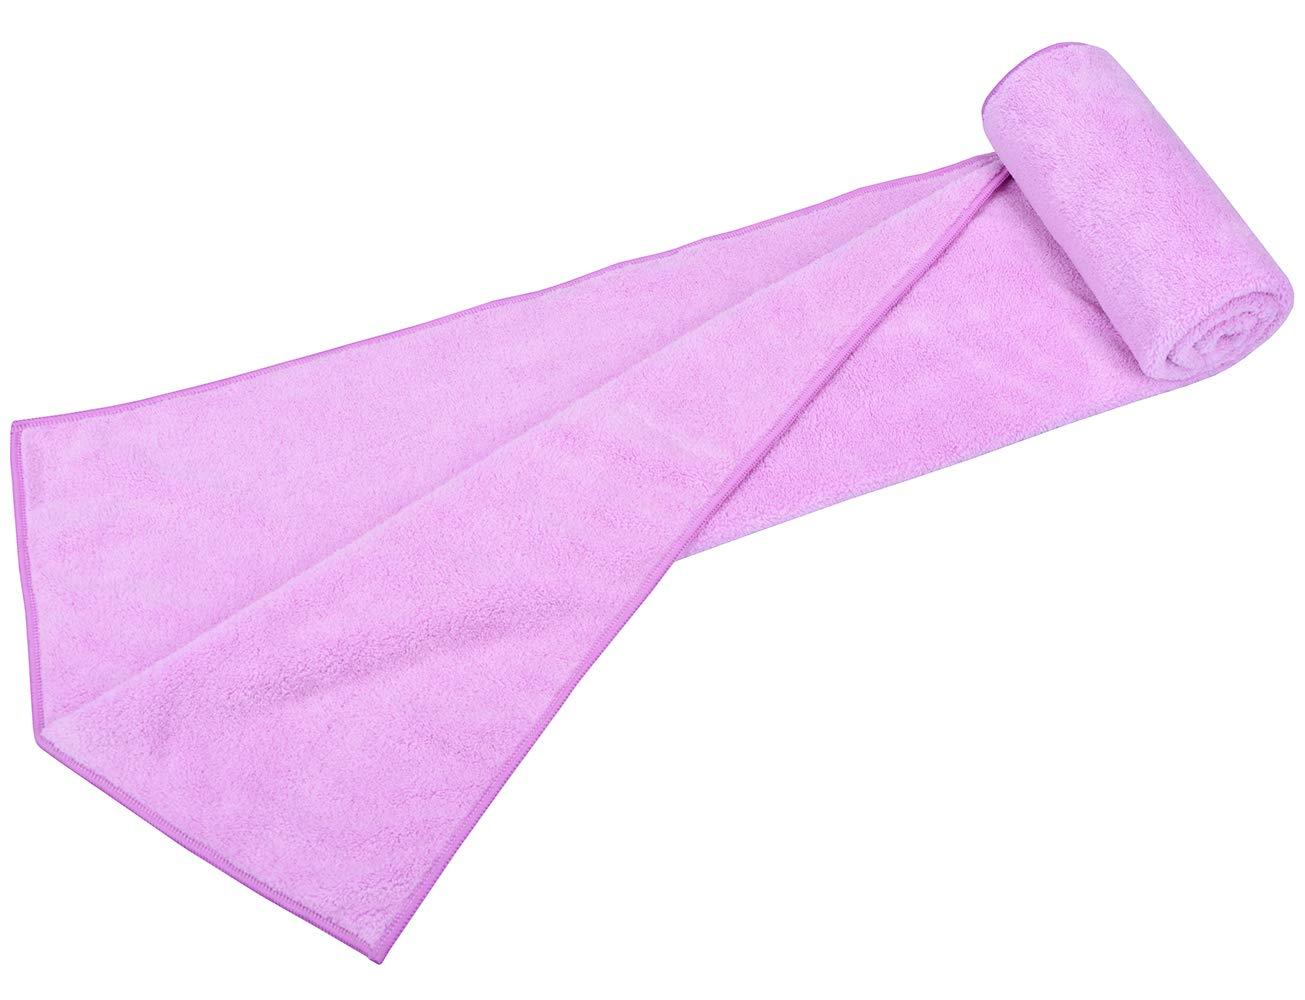 Mayouth Anti-frizz Super Assorbente Asciugamano in Microfibra Capelli Asciugatura Rapida Teli da Bagno per Capelli Lunghi e Spessi 40cmX80cm Purple 3-Pack